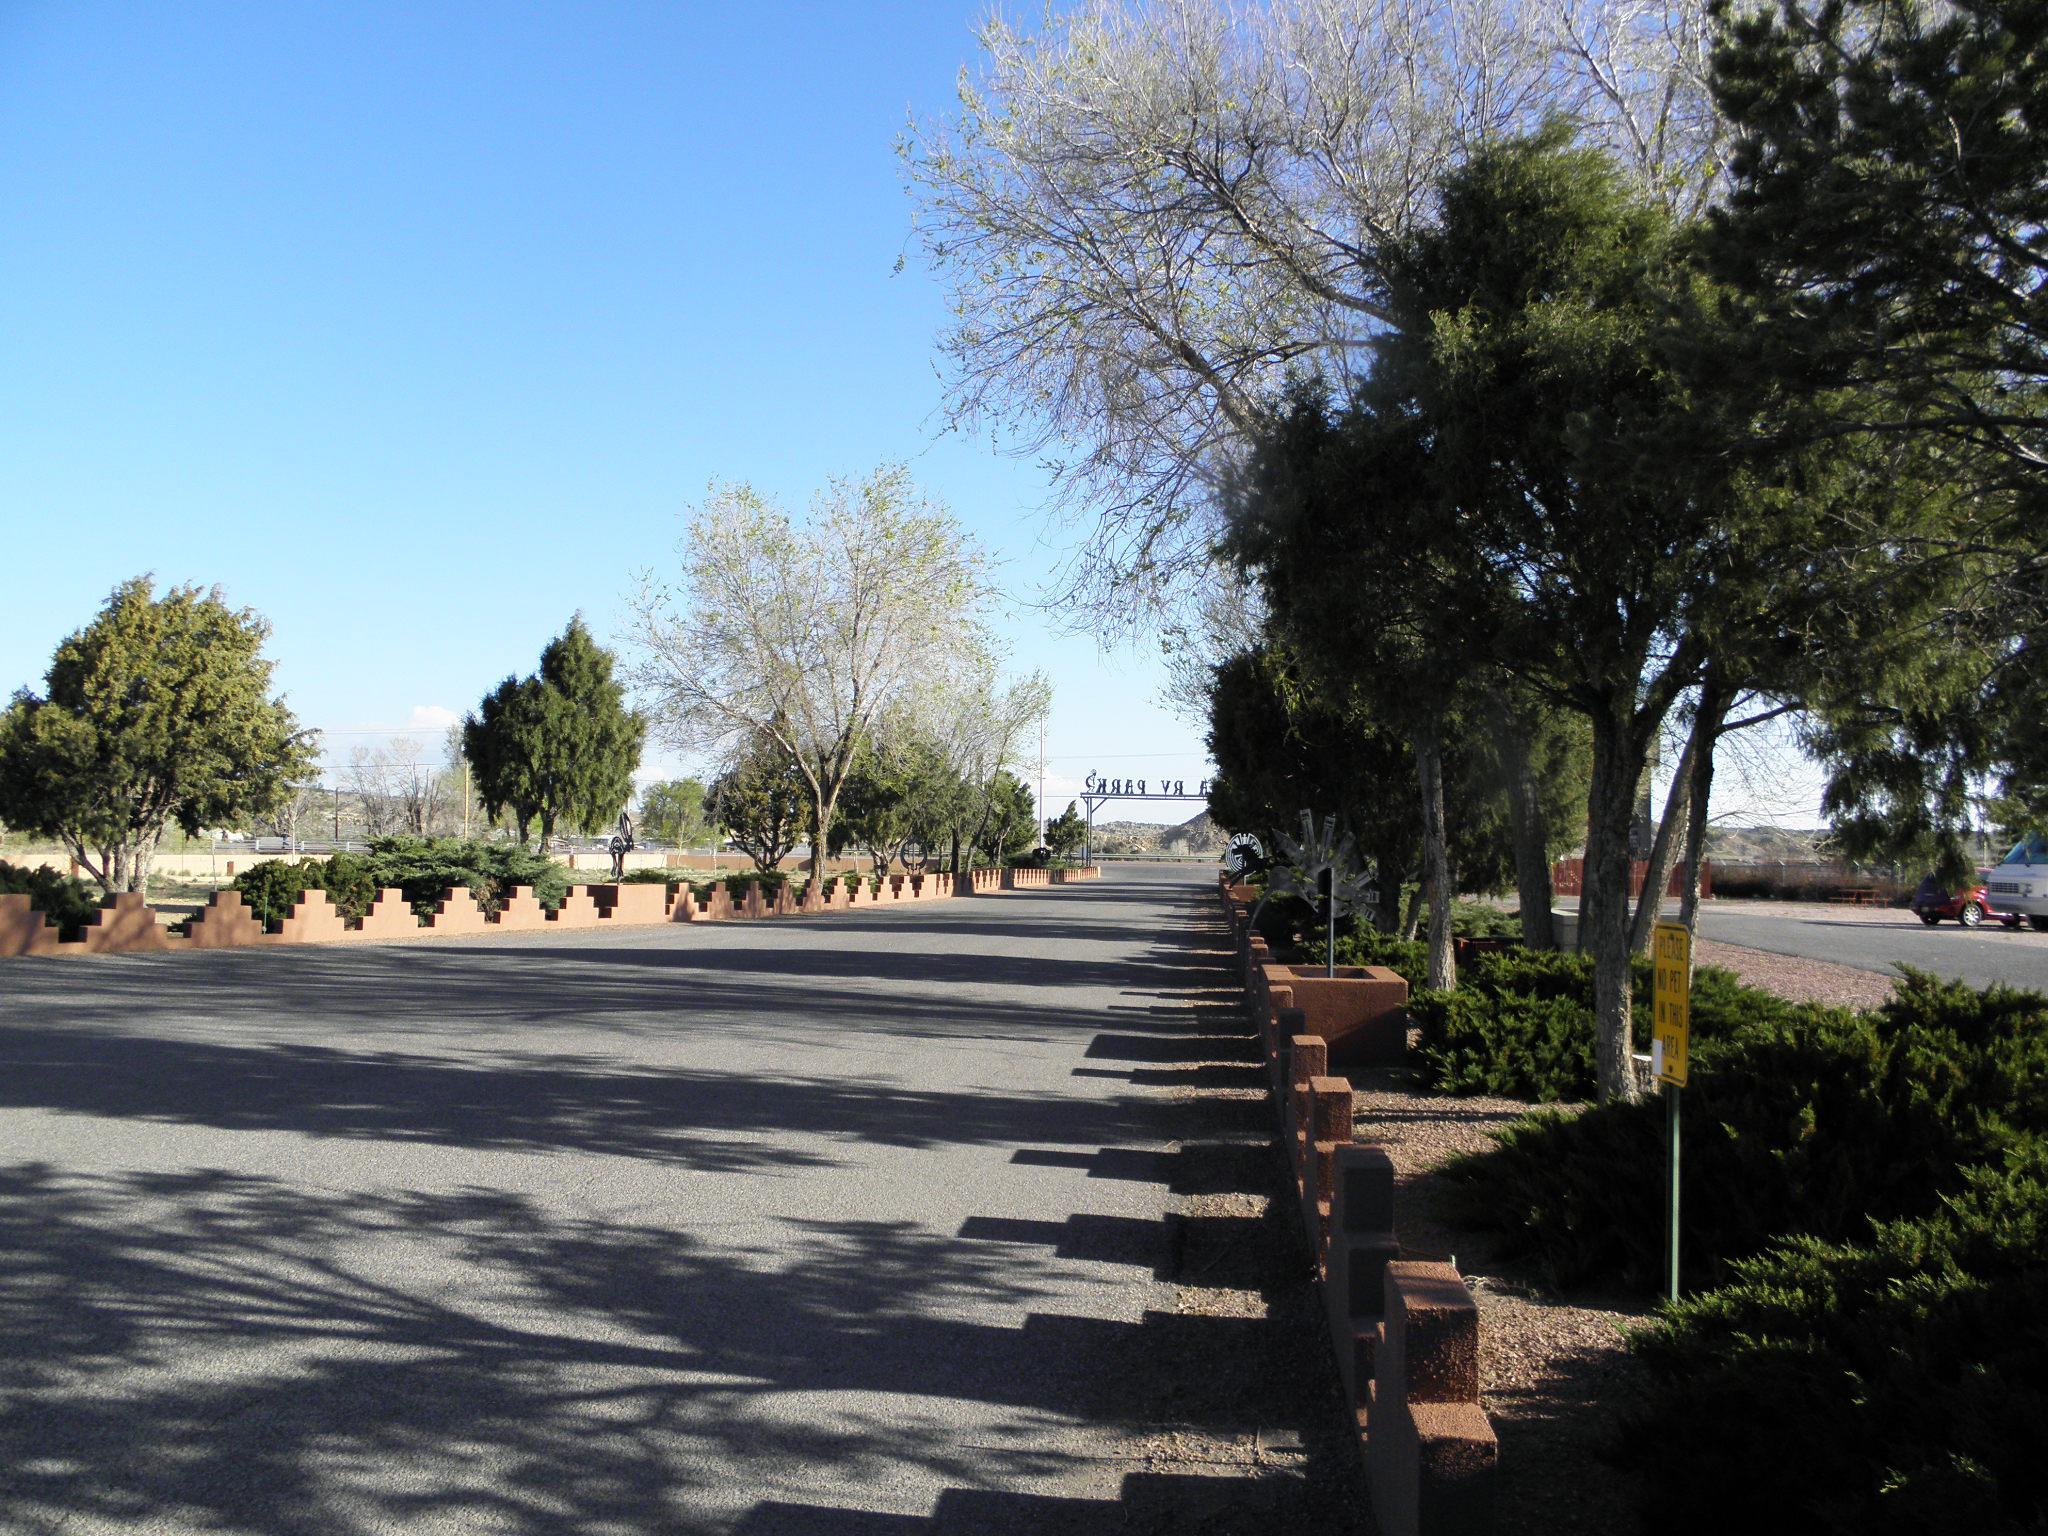 USA RV Park in Gallup, New Mexico